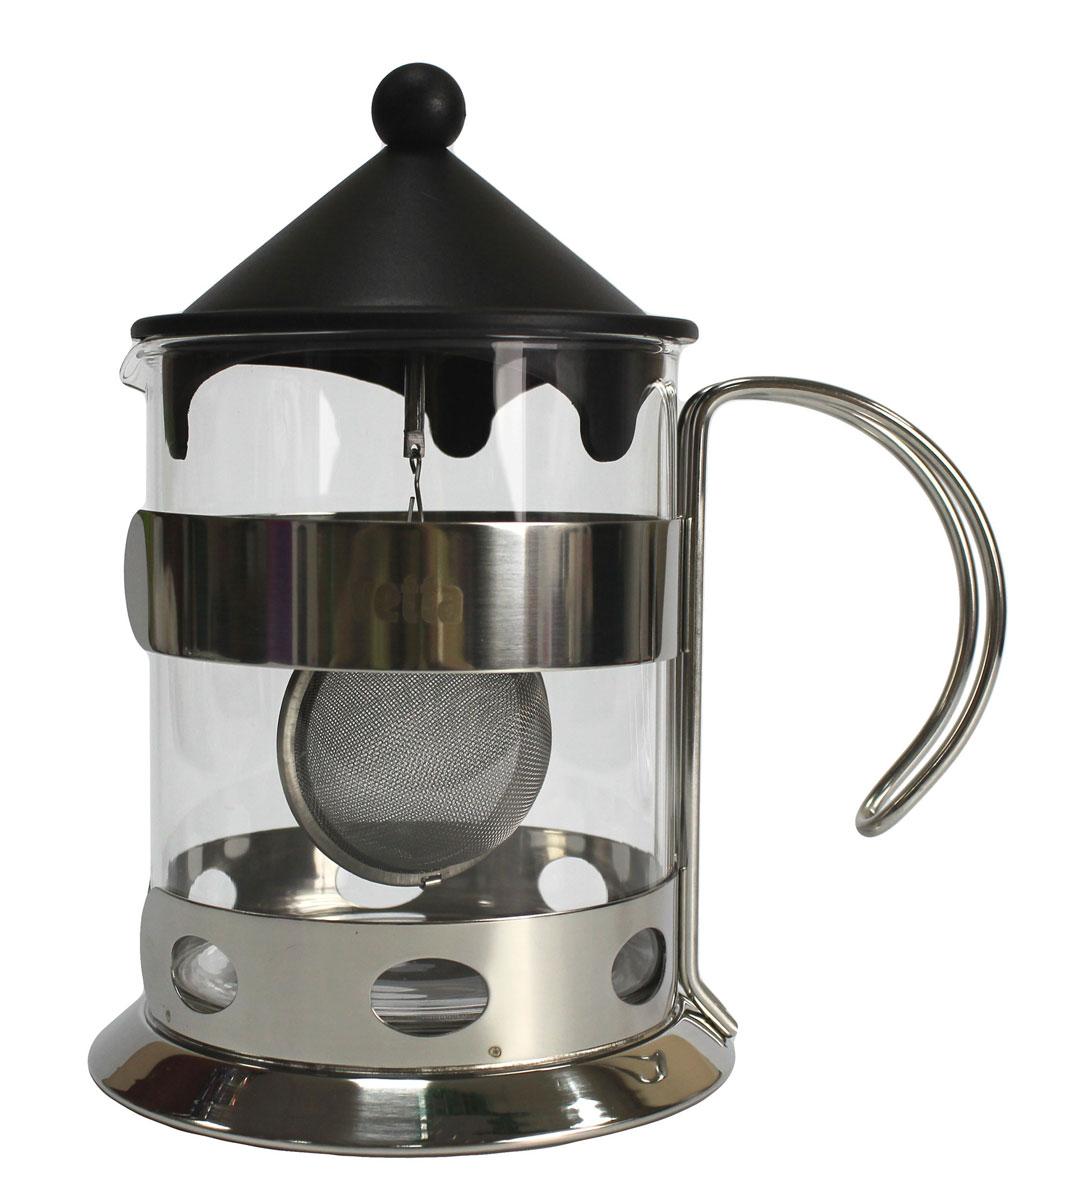 Чайник Vetta, 1,2 л850132Заварочный чайник из нержавеющей стали, стекла и силикона, объемом 1200 мл. Легкий, прочный. Хорошо впишется в любой интерьер. Удобный в применении.